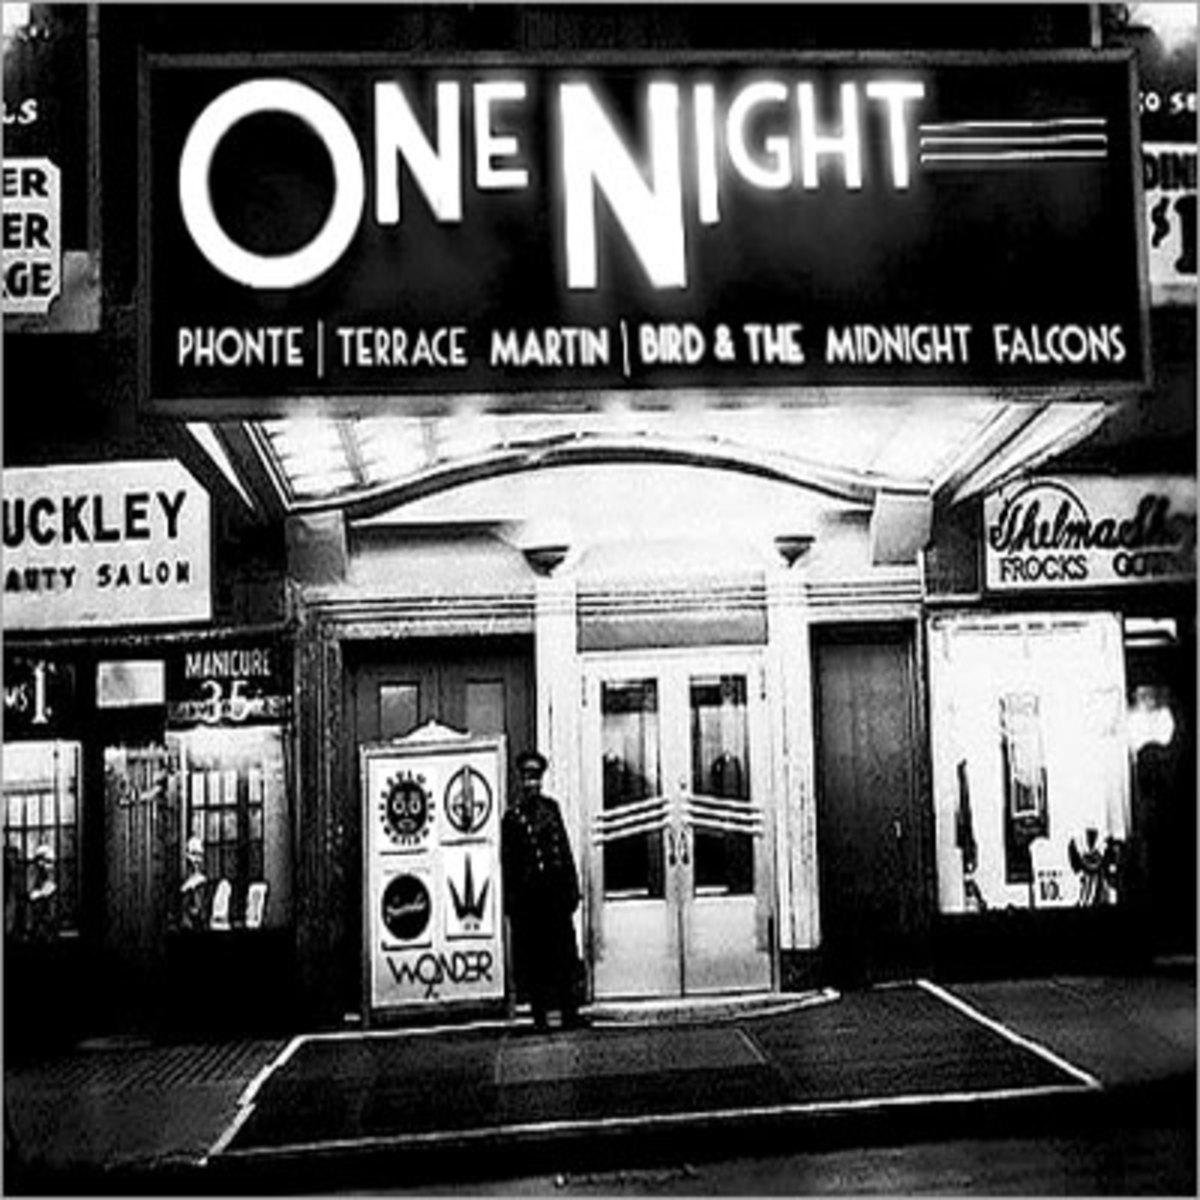 9thwonder-onenight.jpg